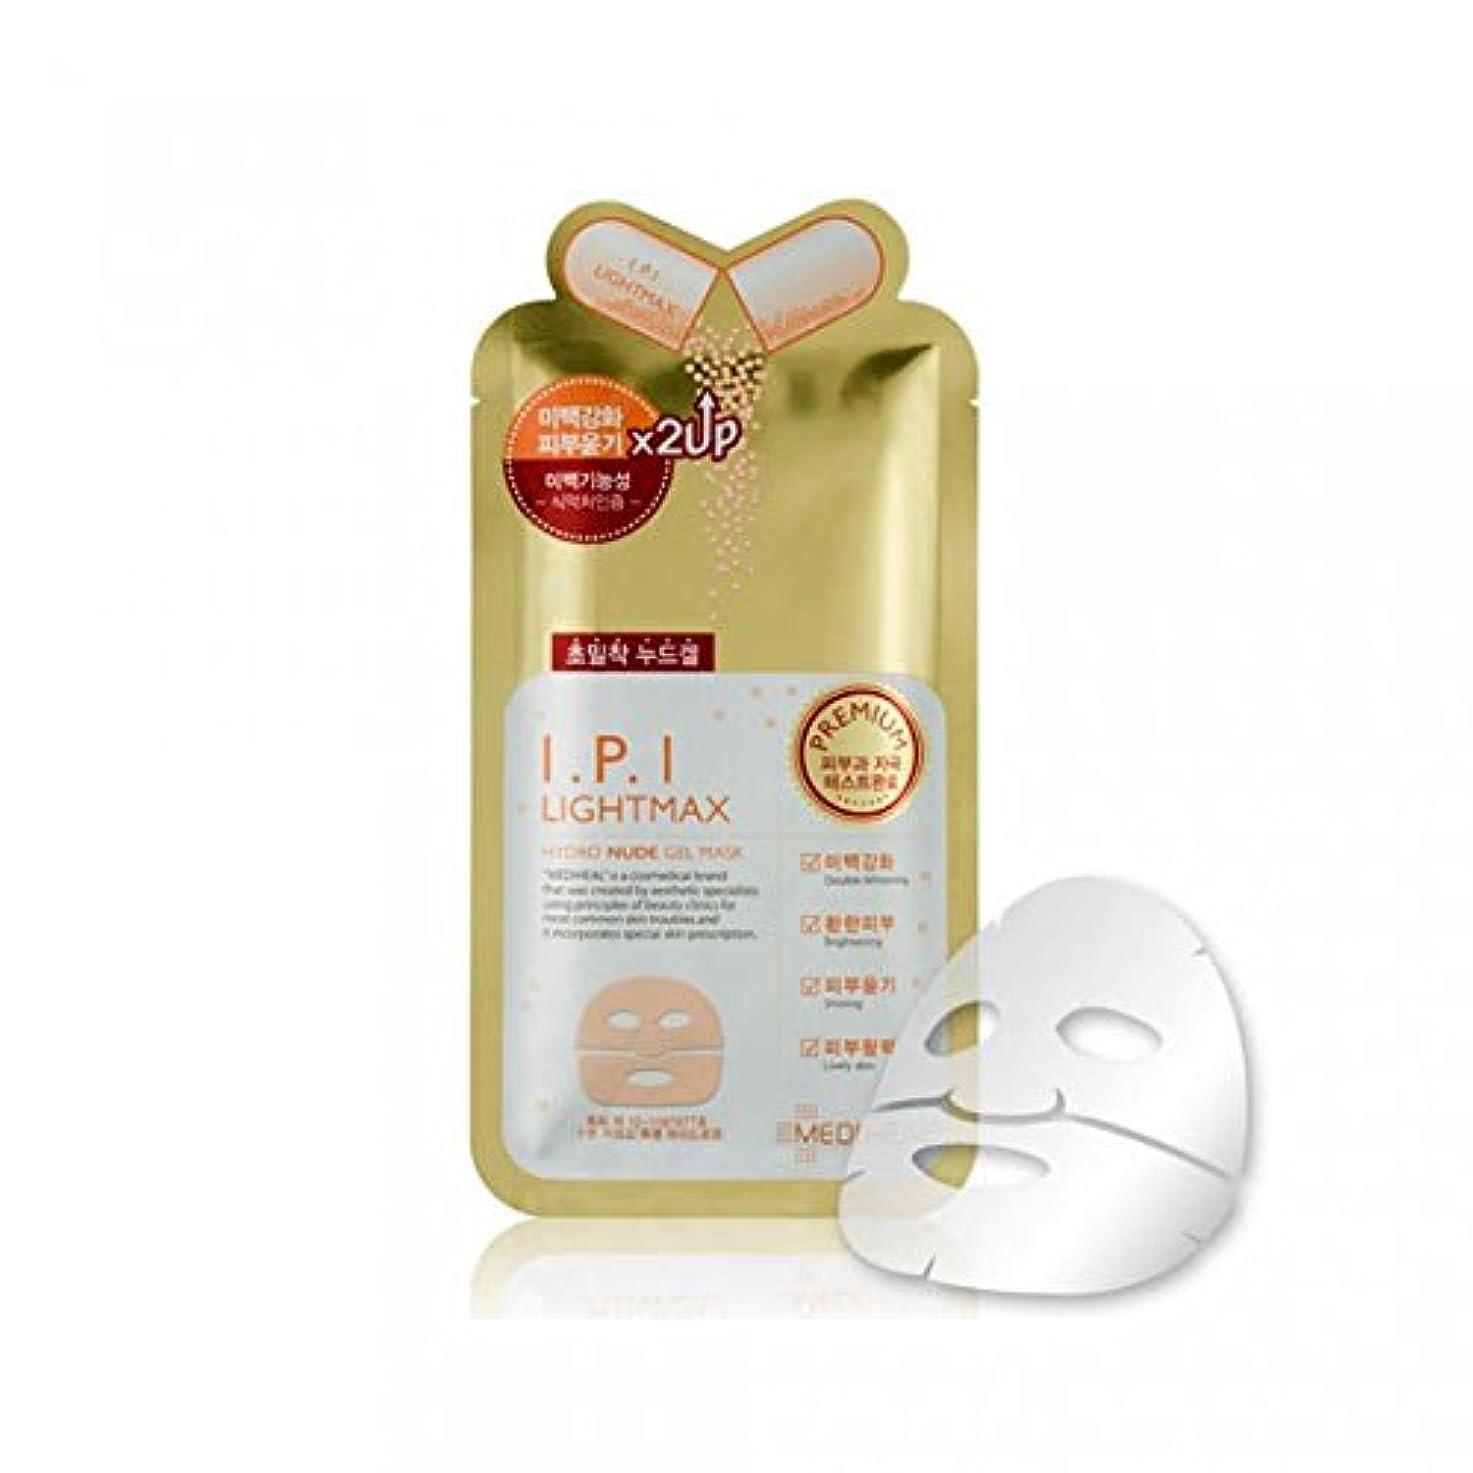 まともな権限を与える薄めるメディヒール プレミアム IPI ライトマックス ヌード ゲルマスク (10枚) [Mediheal premium IPI LIGHT MAX Nude Gel Mask 10 sheets] [並行輸入品]